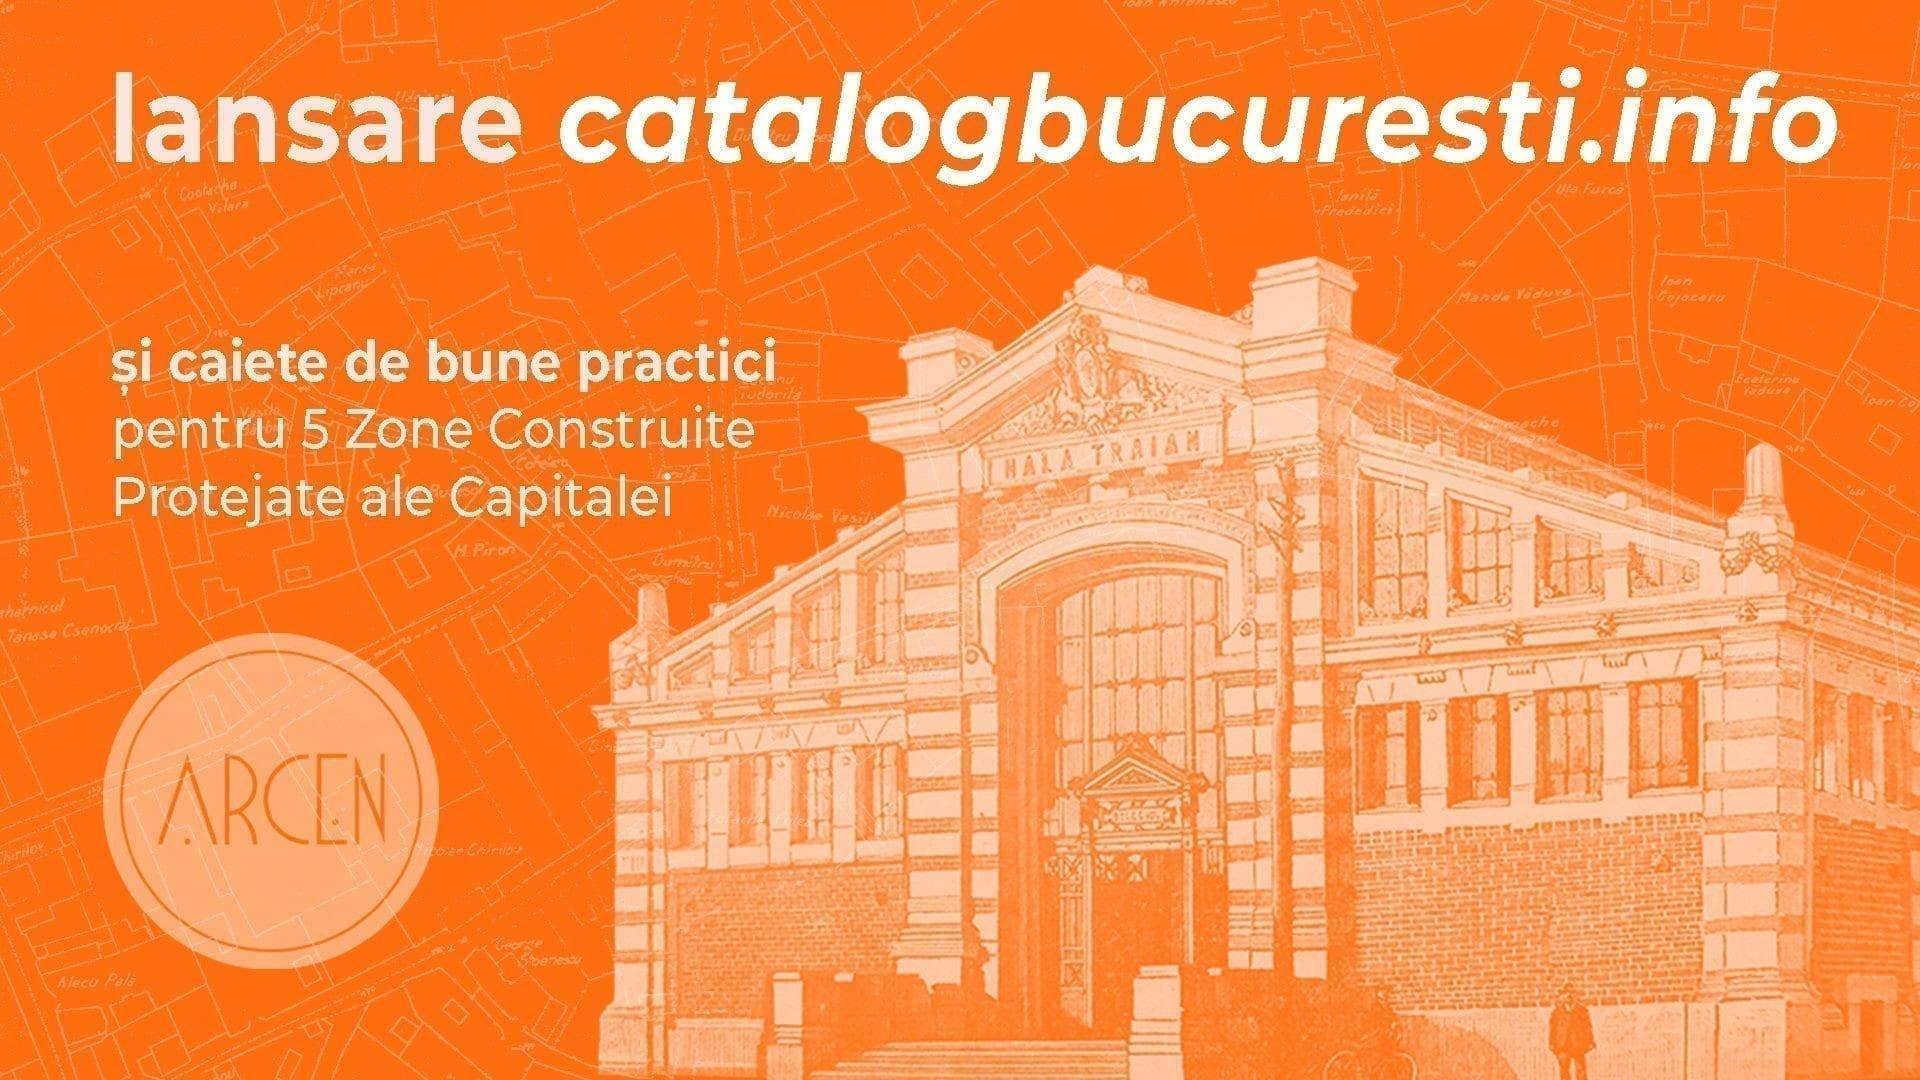 Lansare catalogbucuresti.info